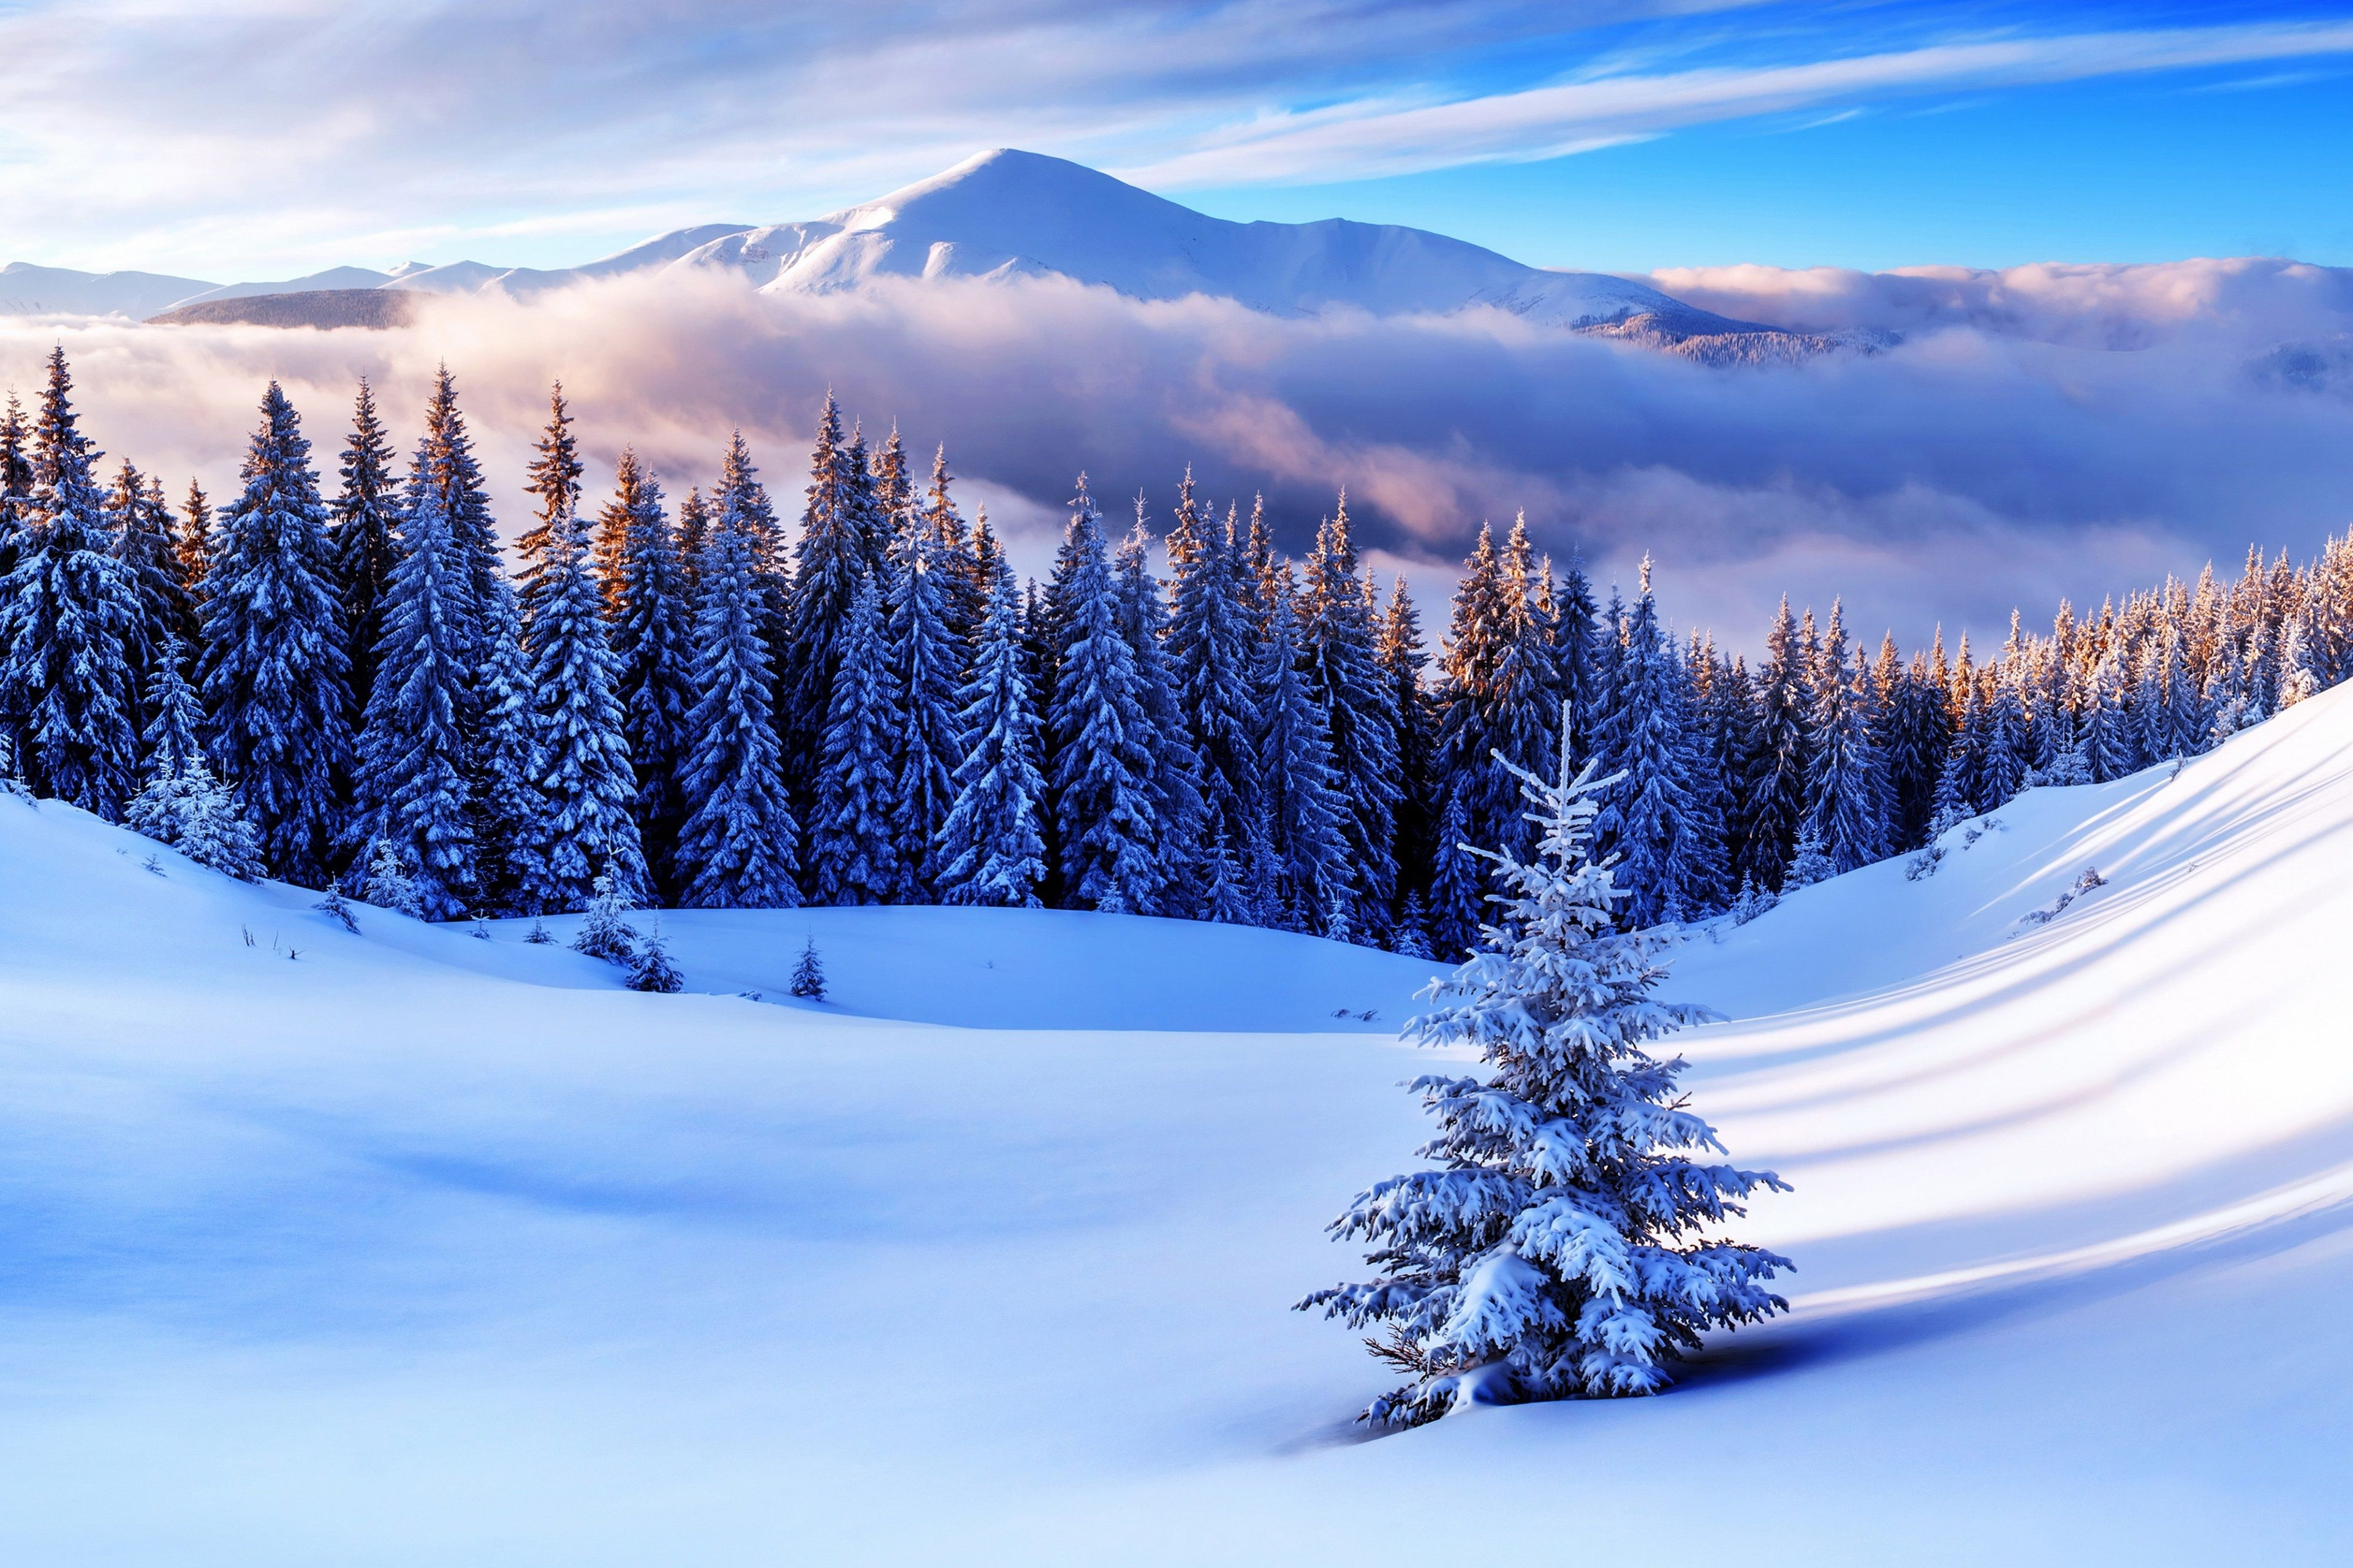 3840x2559 Pine Trees 4k Free Downloads Hd Wallpaper Paisajes De